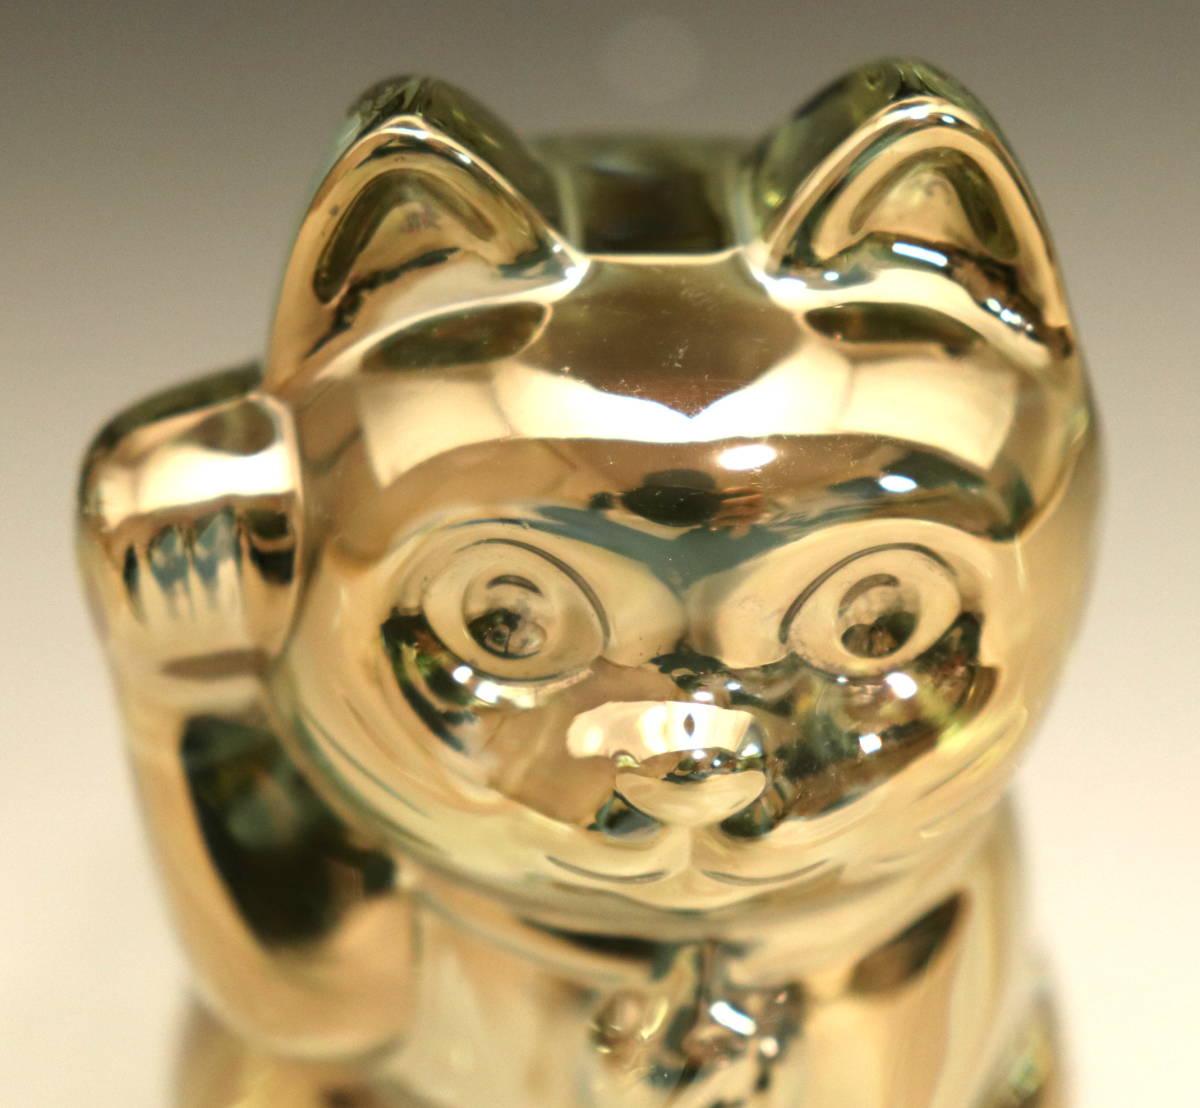 バカラ (BACCARAT) 招き猫 ゴールド ラッキーキャット 金 超美品 3_画像5